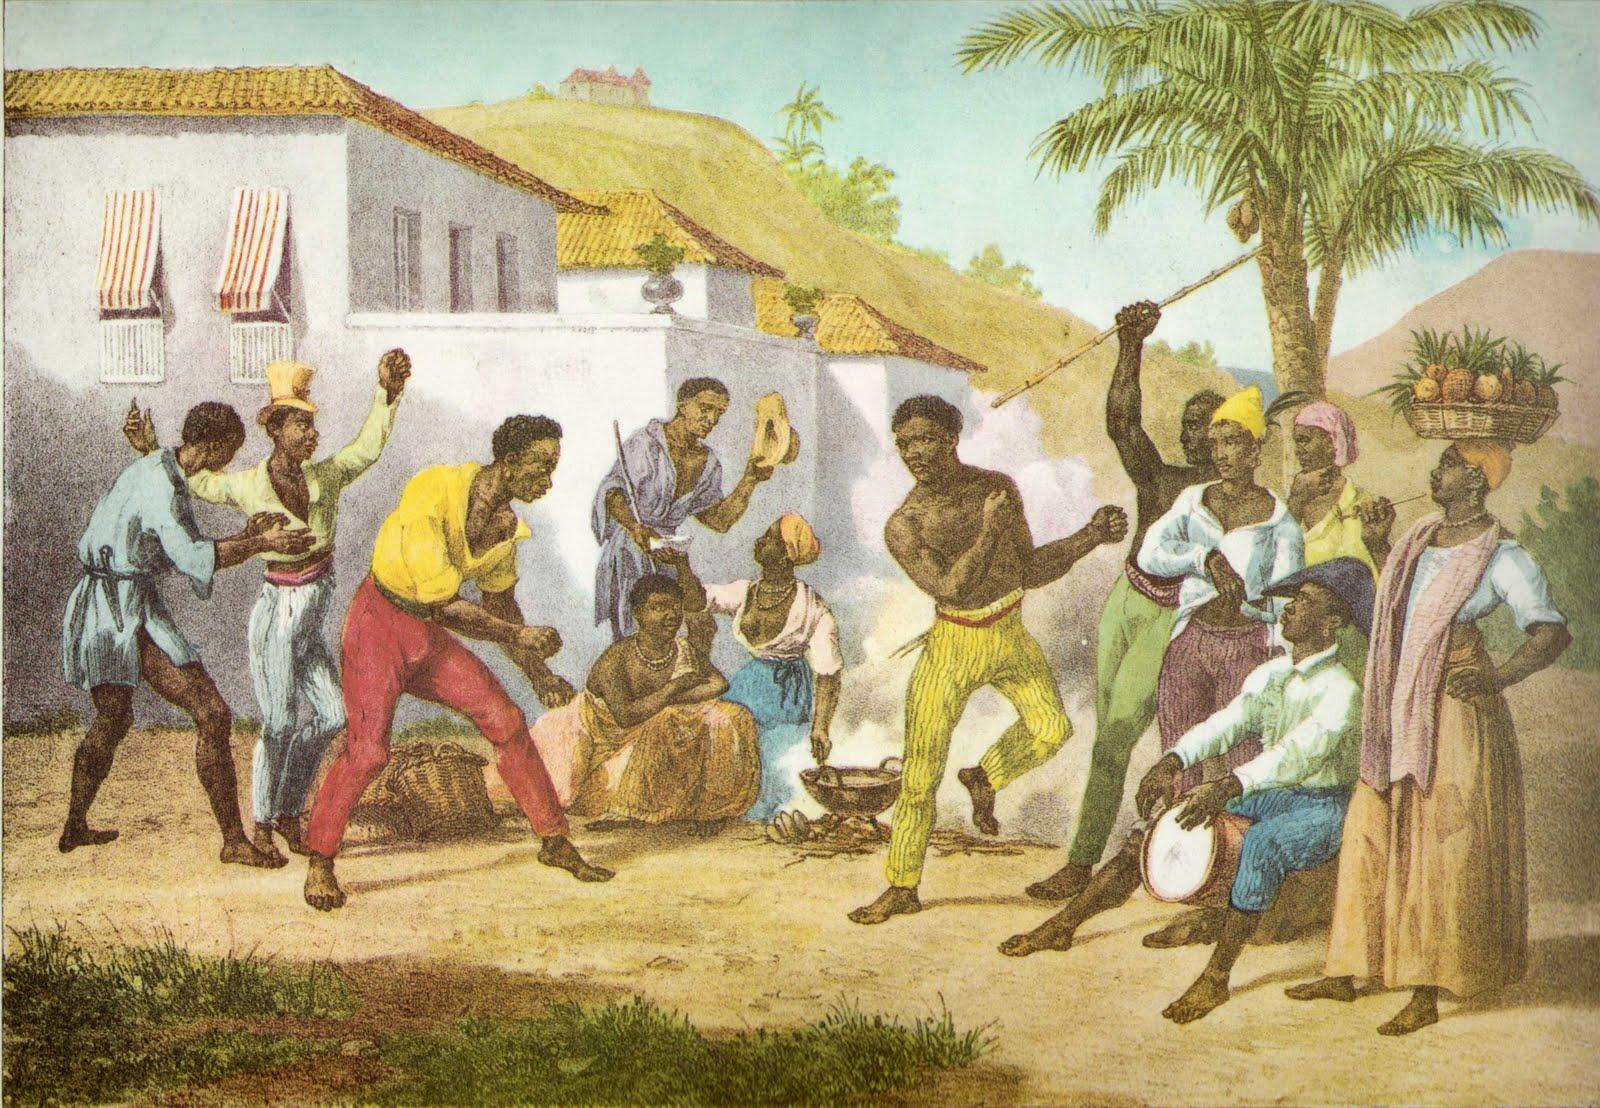 La Capoeira, una expresión de esclavitud, arte y lucha